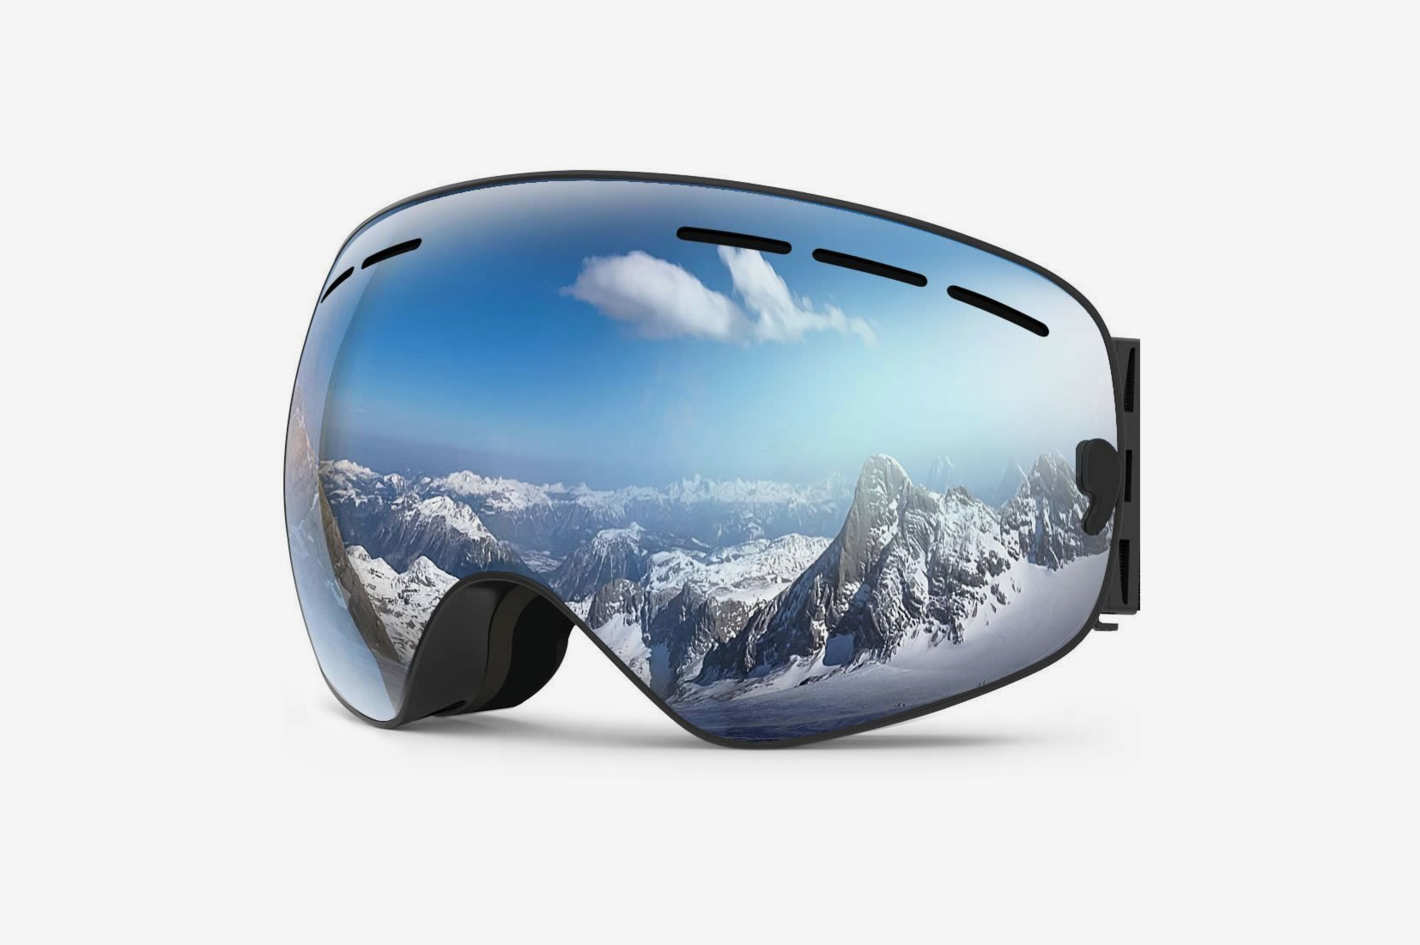 23a723da49a4 Zionor X Ski Snowboard Snow Goggles